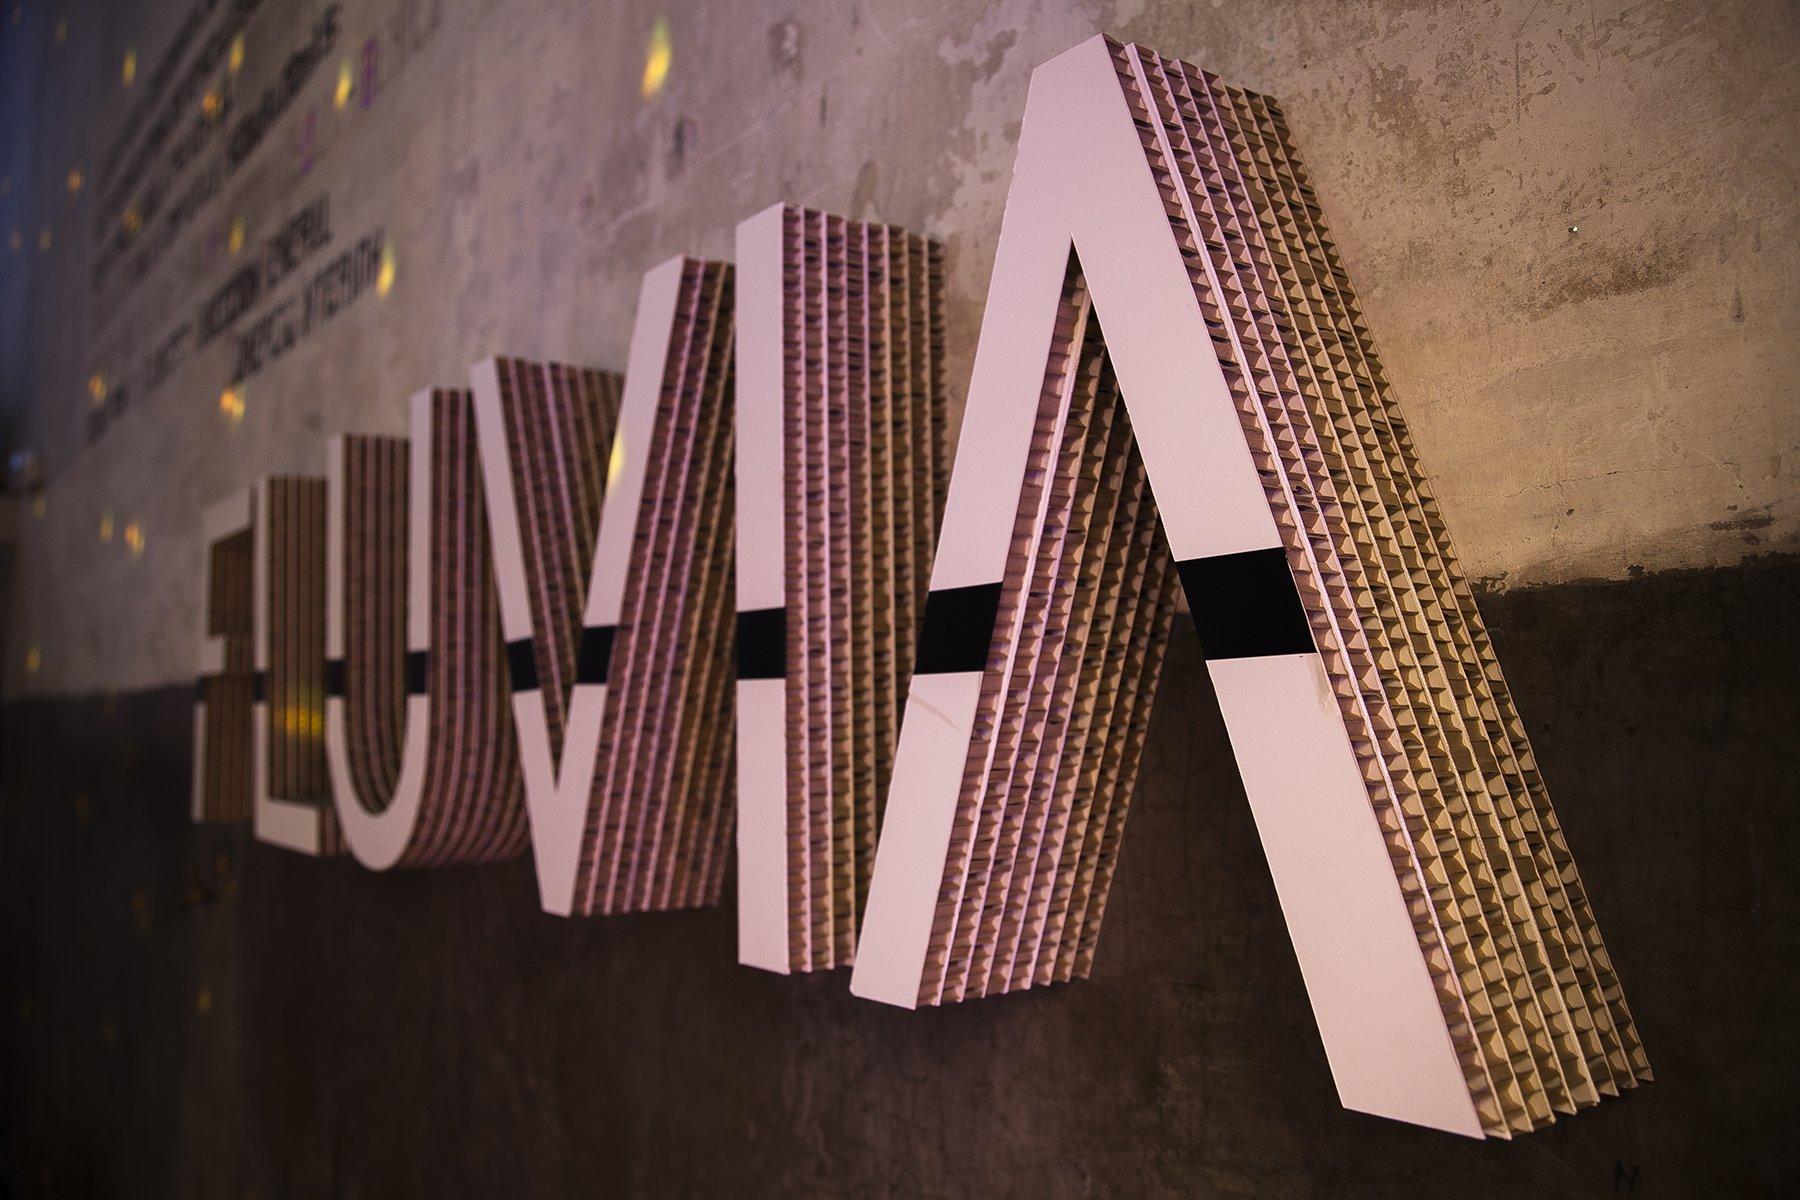 letras-corporeas-carton-fluvia